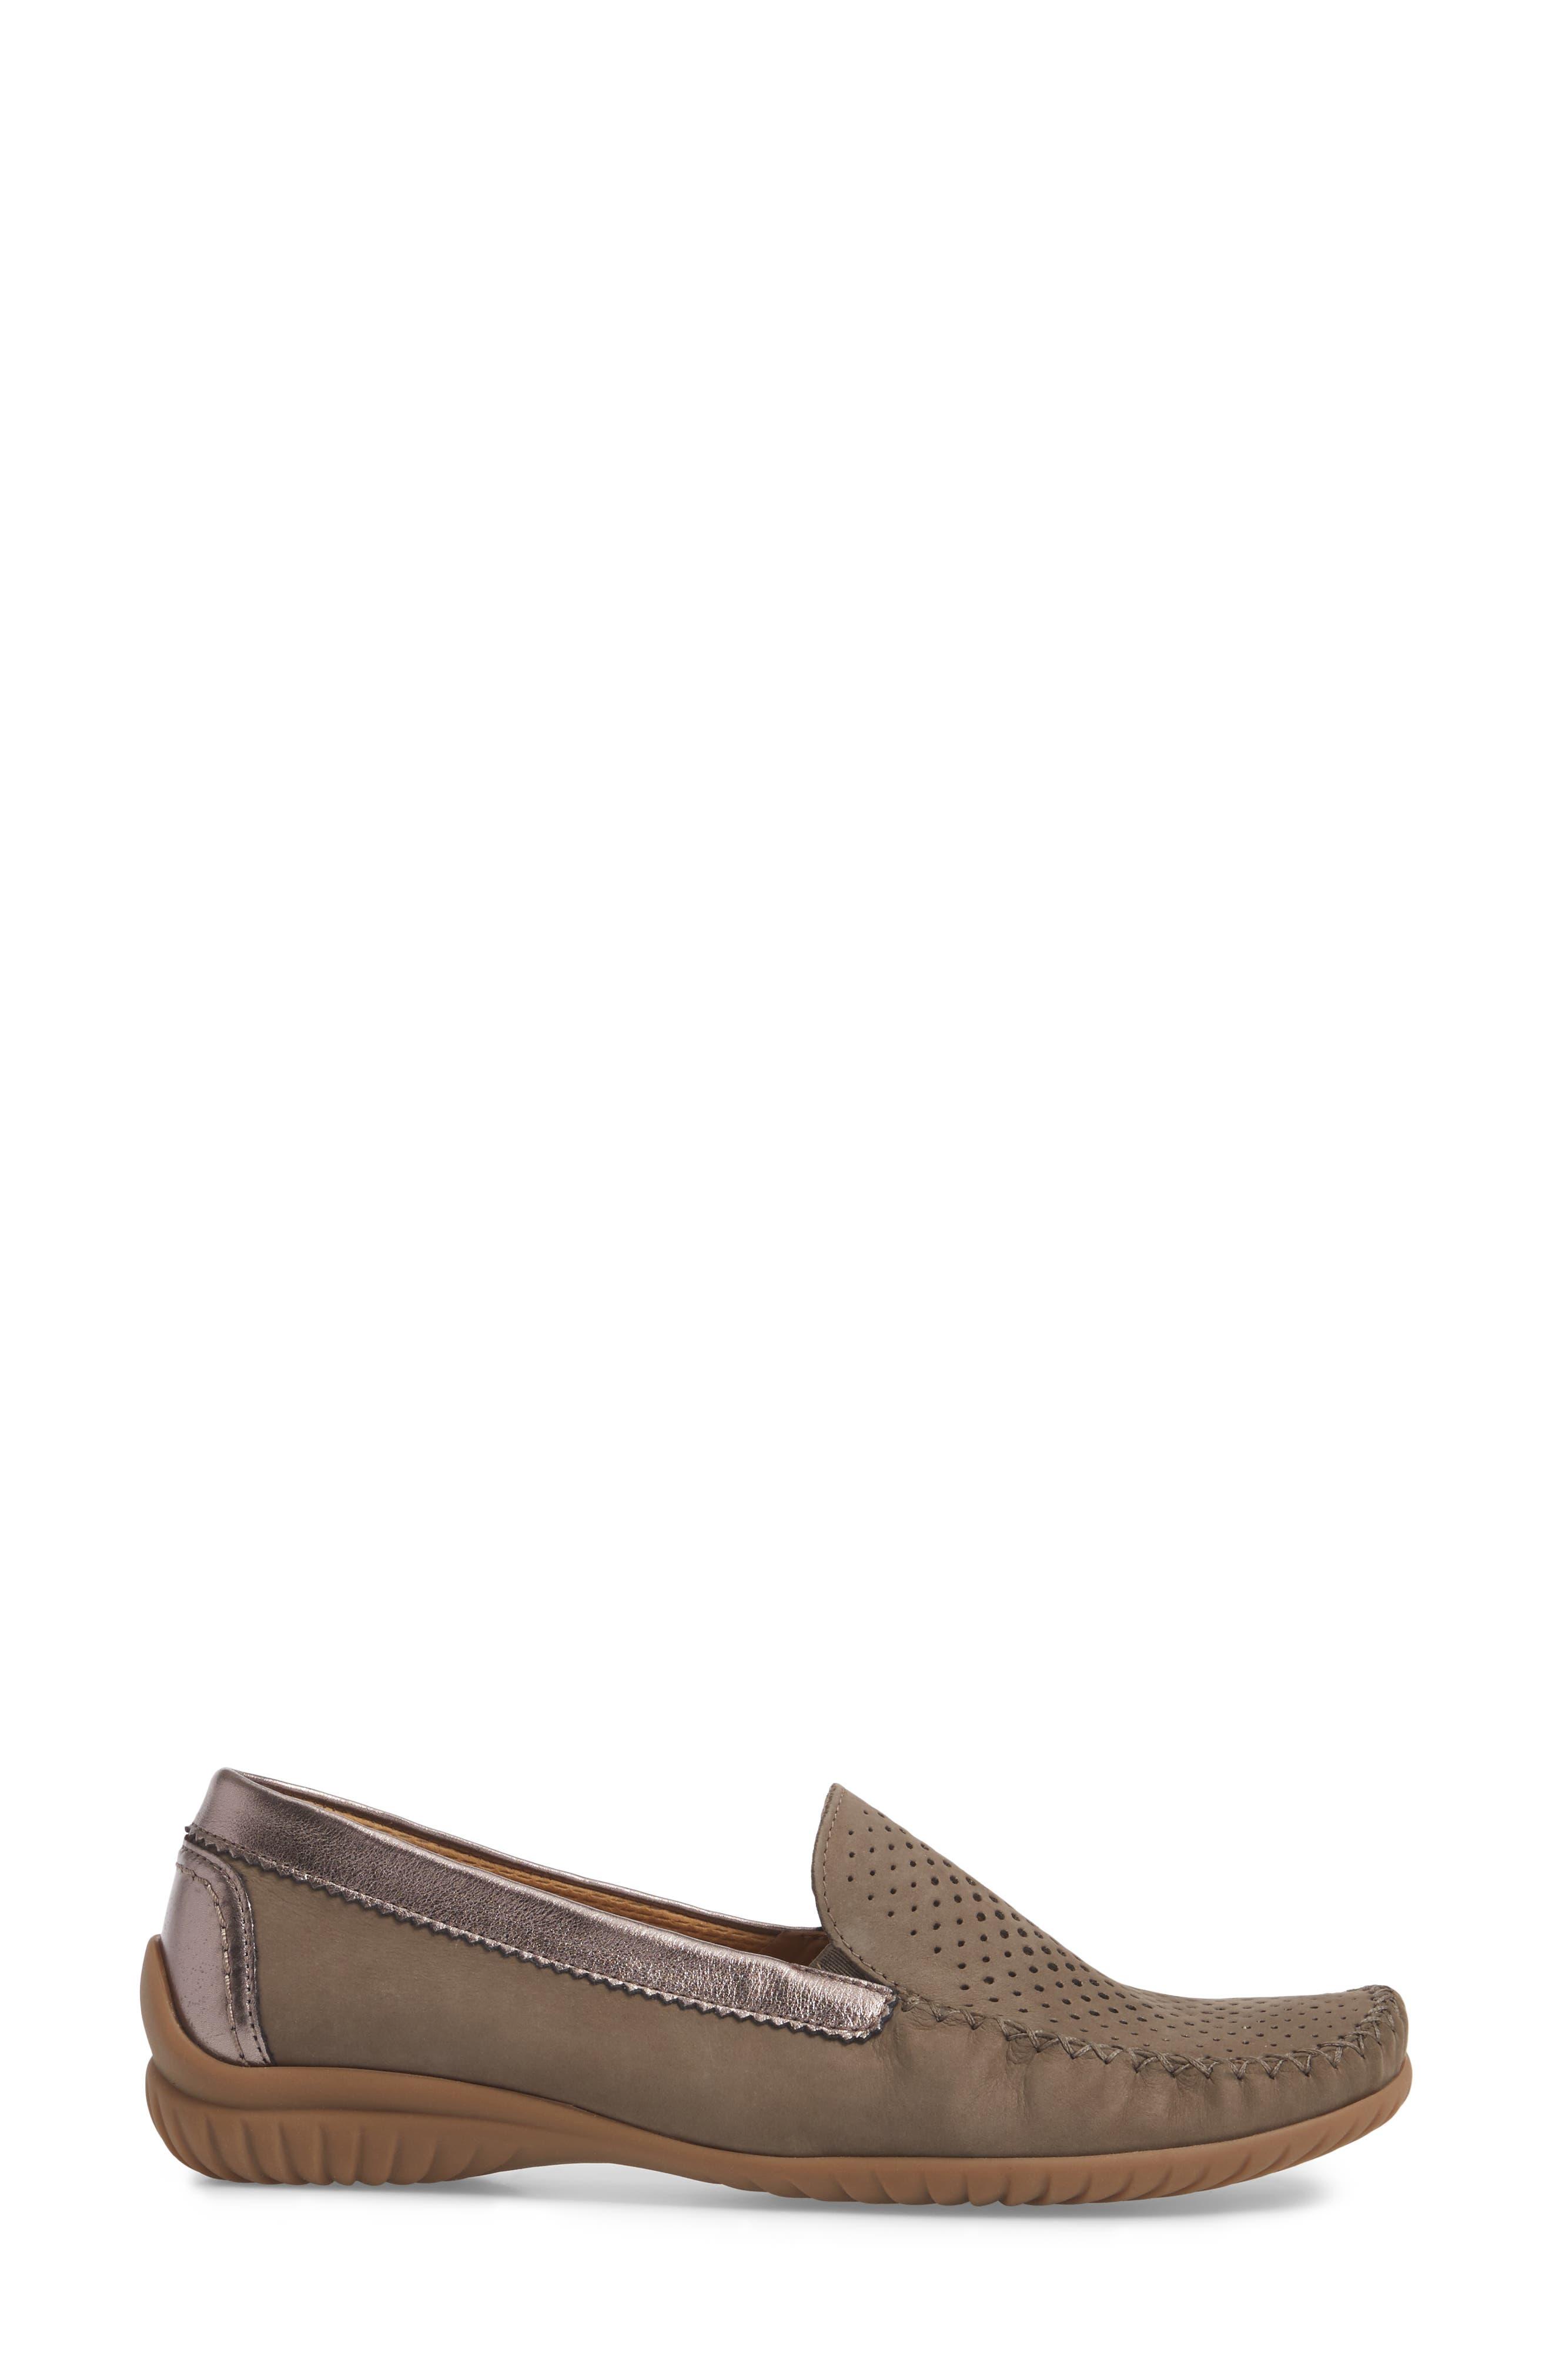 GABOR, Moccasin Loafer, Alternate thumbnail 3, color, BEIGE NUBUCK